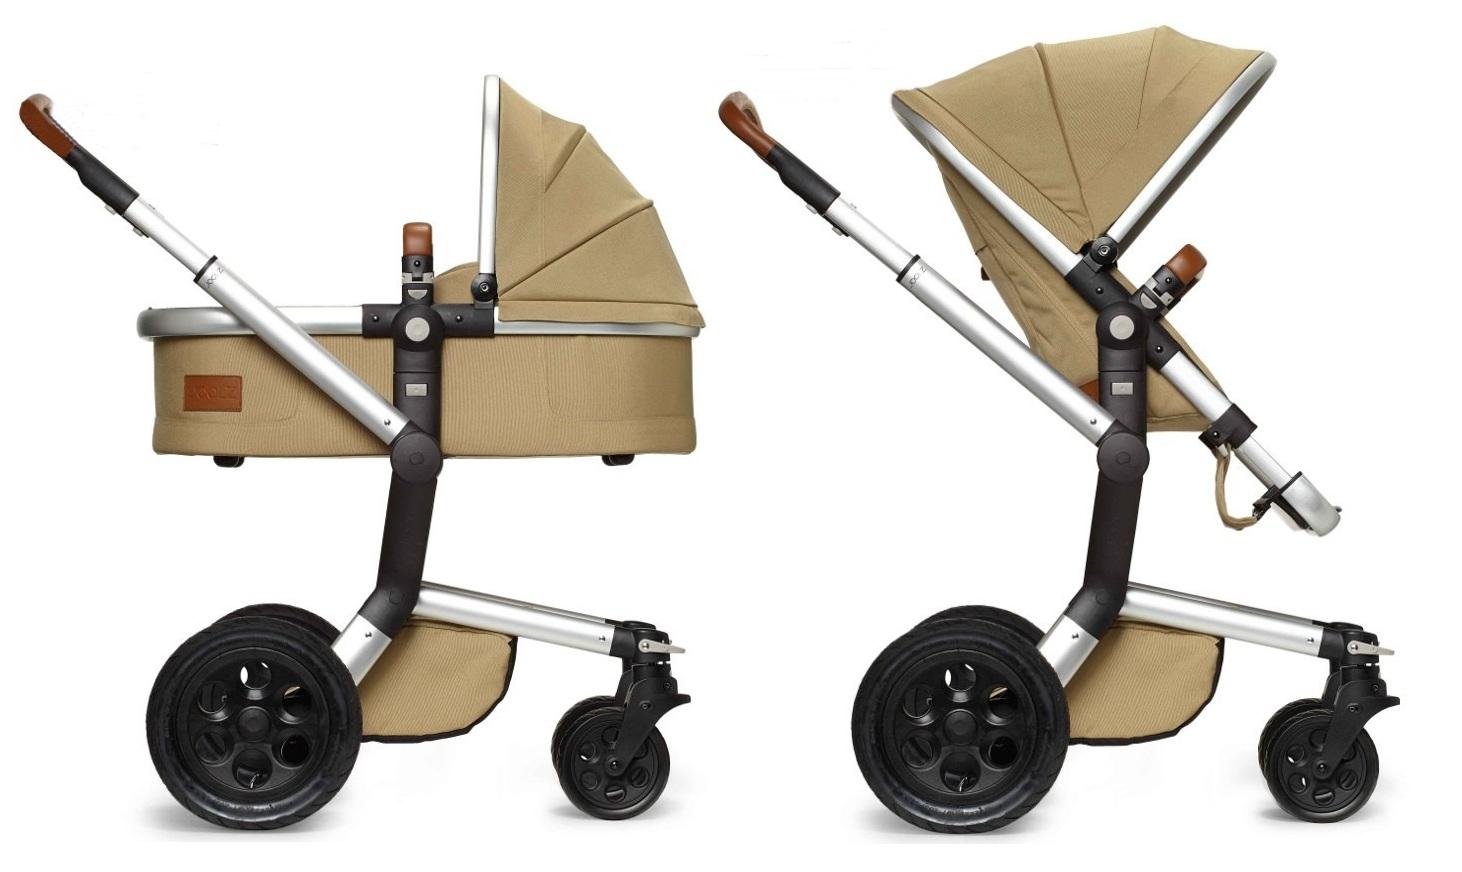 3w1 Głęboko spacerowy wózek dziecięcy Joolz Day Earth z fotelikem z testami ADAC